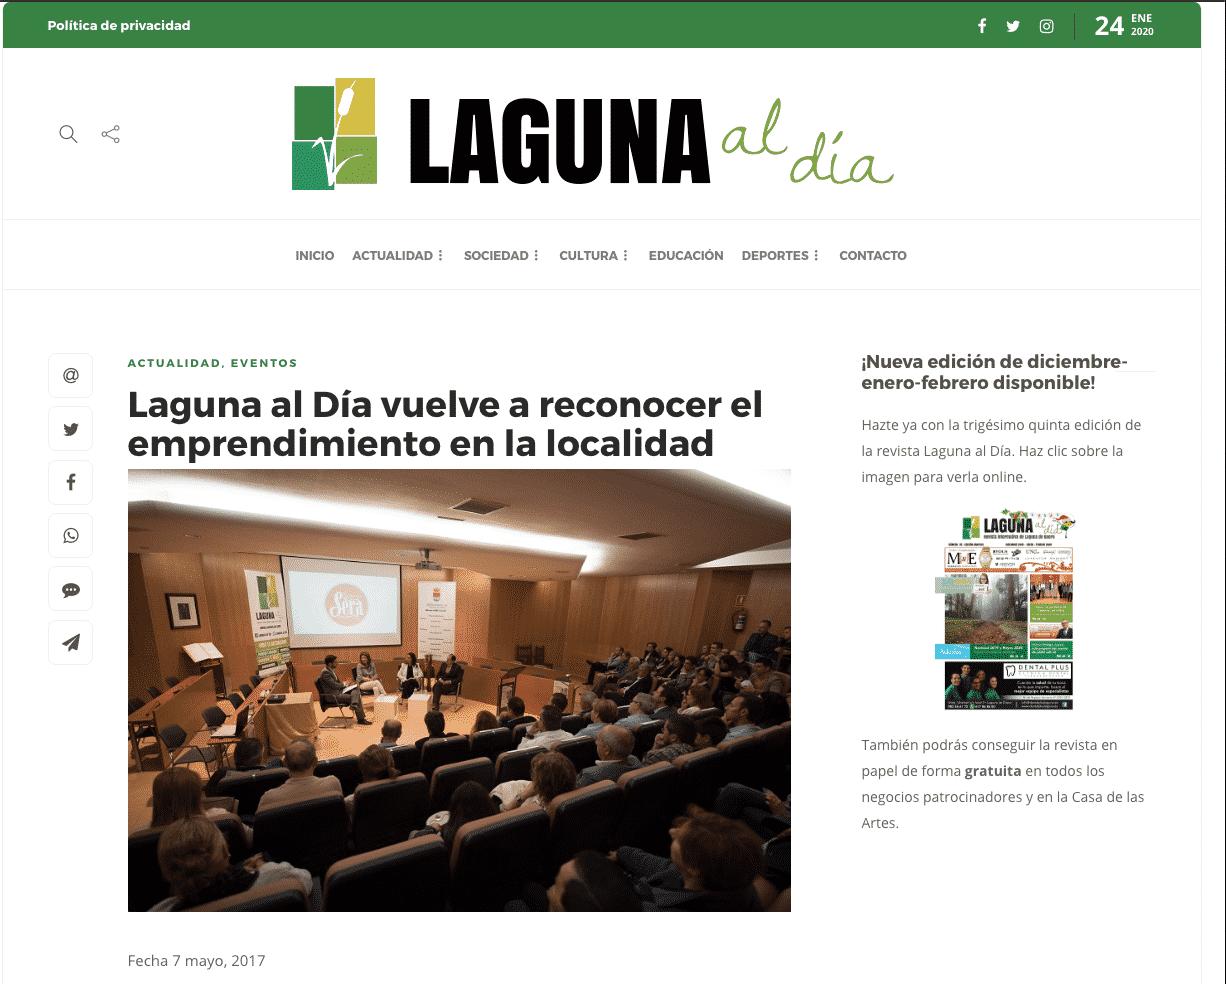 https://www.lagunaaldia.com/laguna-al-dia-volvio-a-reconocer-el-emprendimiento-en-la-localidad/